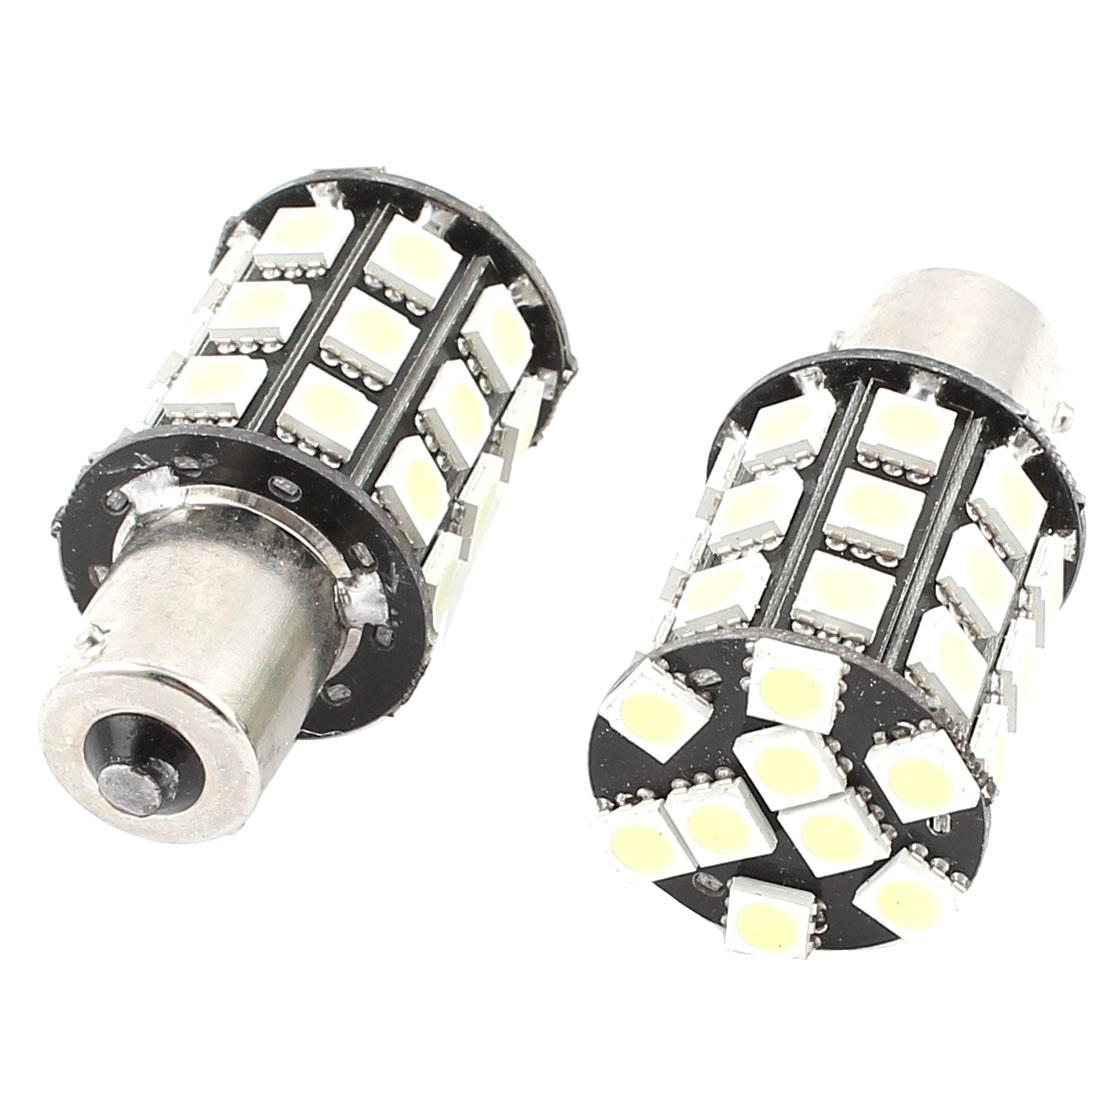 Car 5050 SMD 36 LED BA15S 1156 Corner Tail Turn Signal Light White 1073 1259 2 Pcs